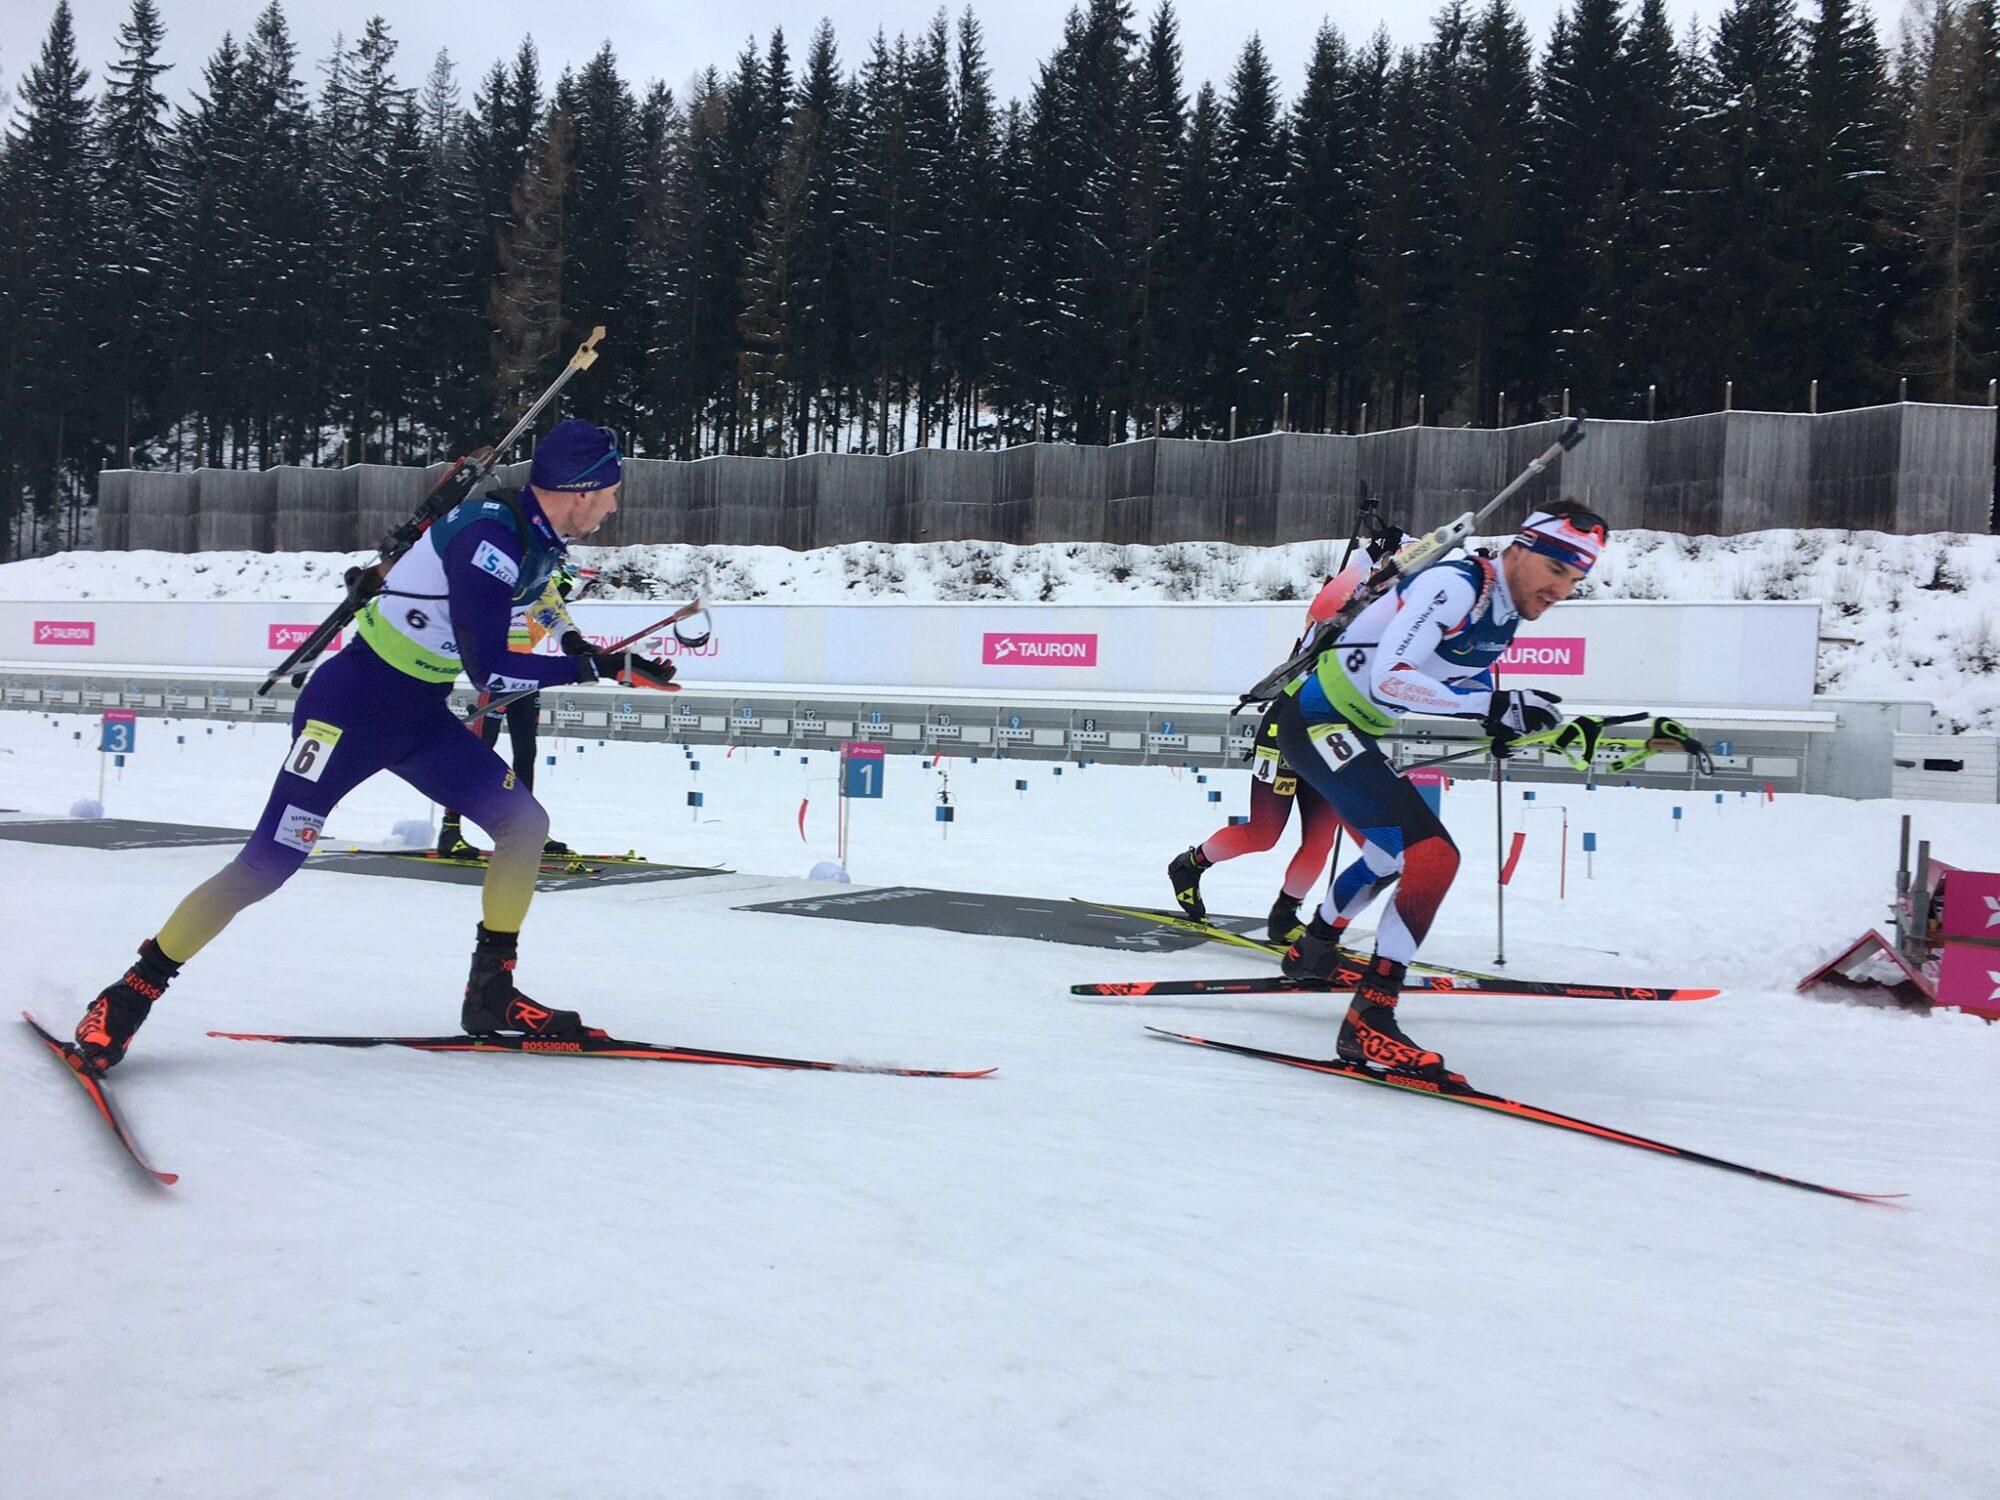 Українець здобув золоту медаль на чемпіонаті Європи з біатлону - чемпіонат Європи, золота медаль - Es t6A0W4AId2IC 2000x1500